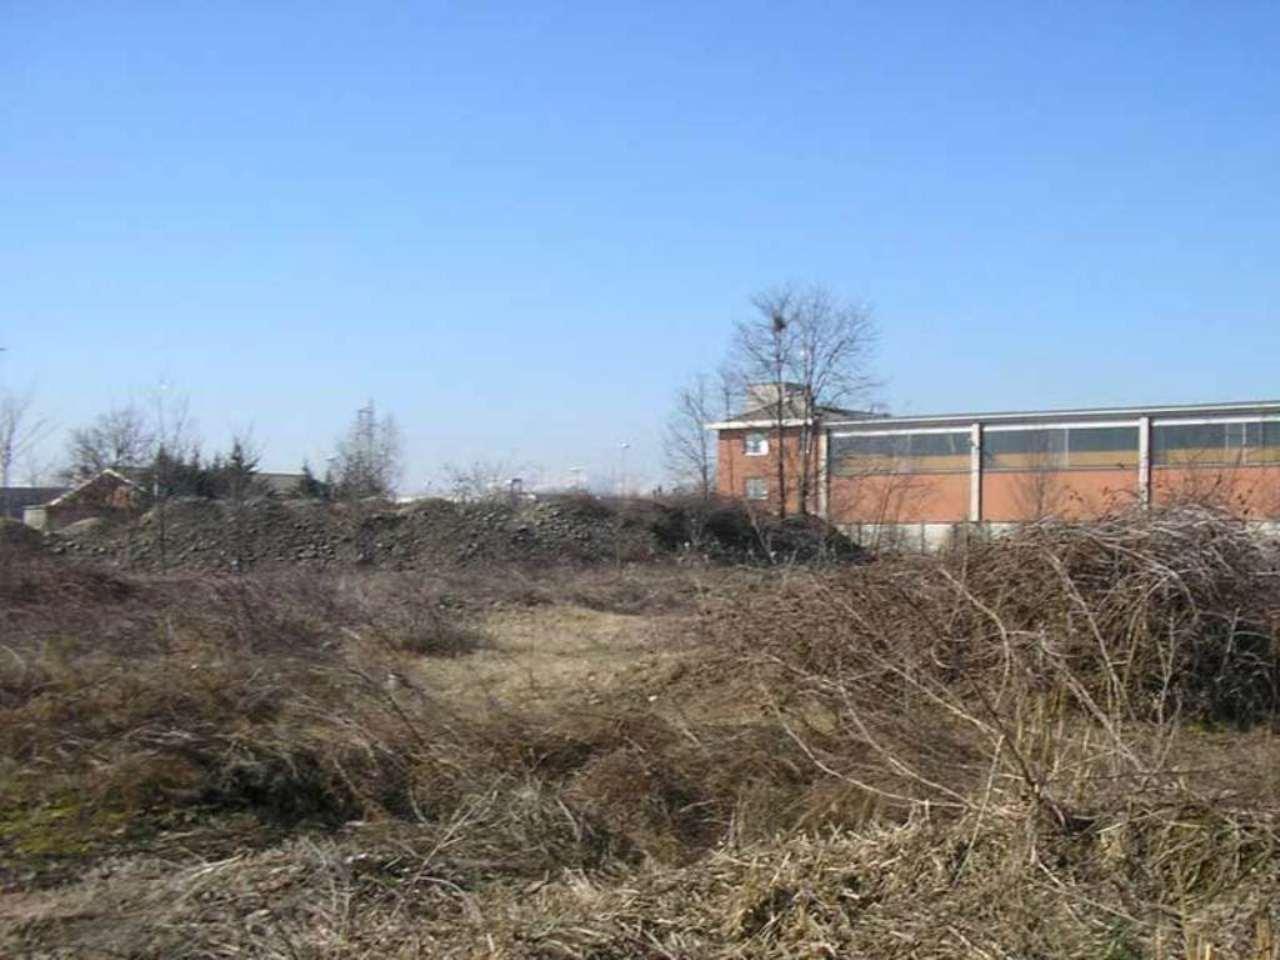 Terreno industriale in vendita - 3000 mq